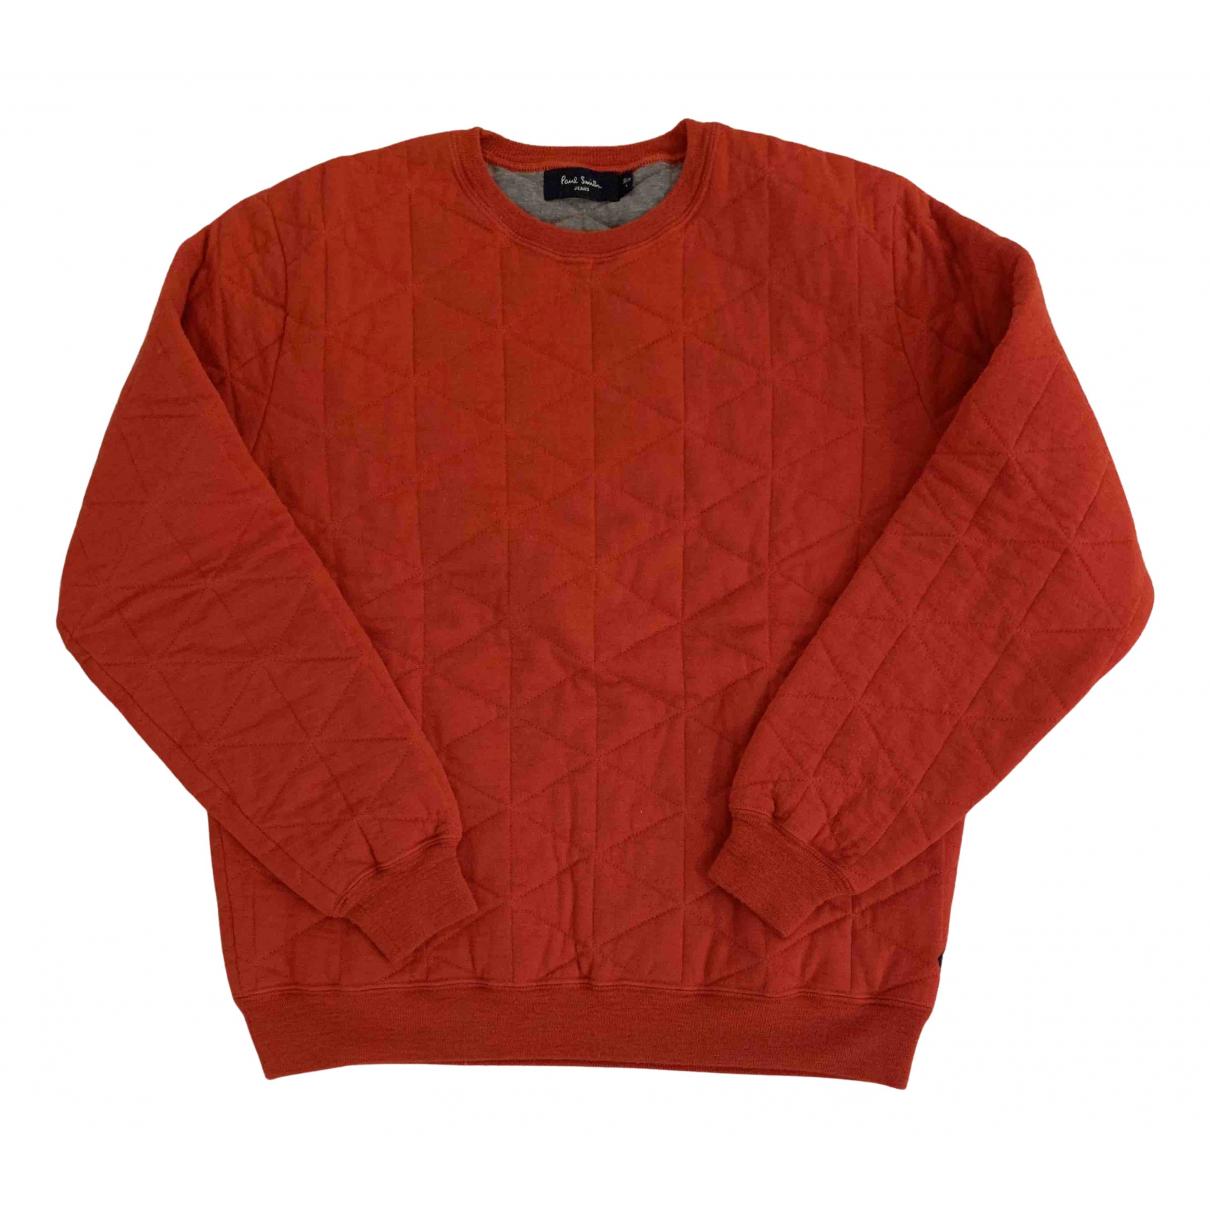 Paul Smith N Orange Wool Knitwear & Sweatshirts for Men L International